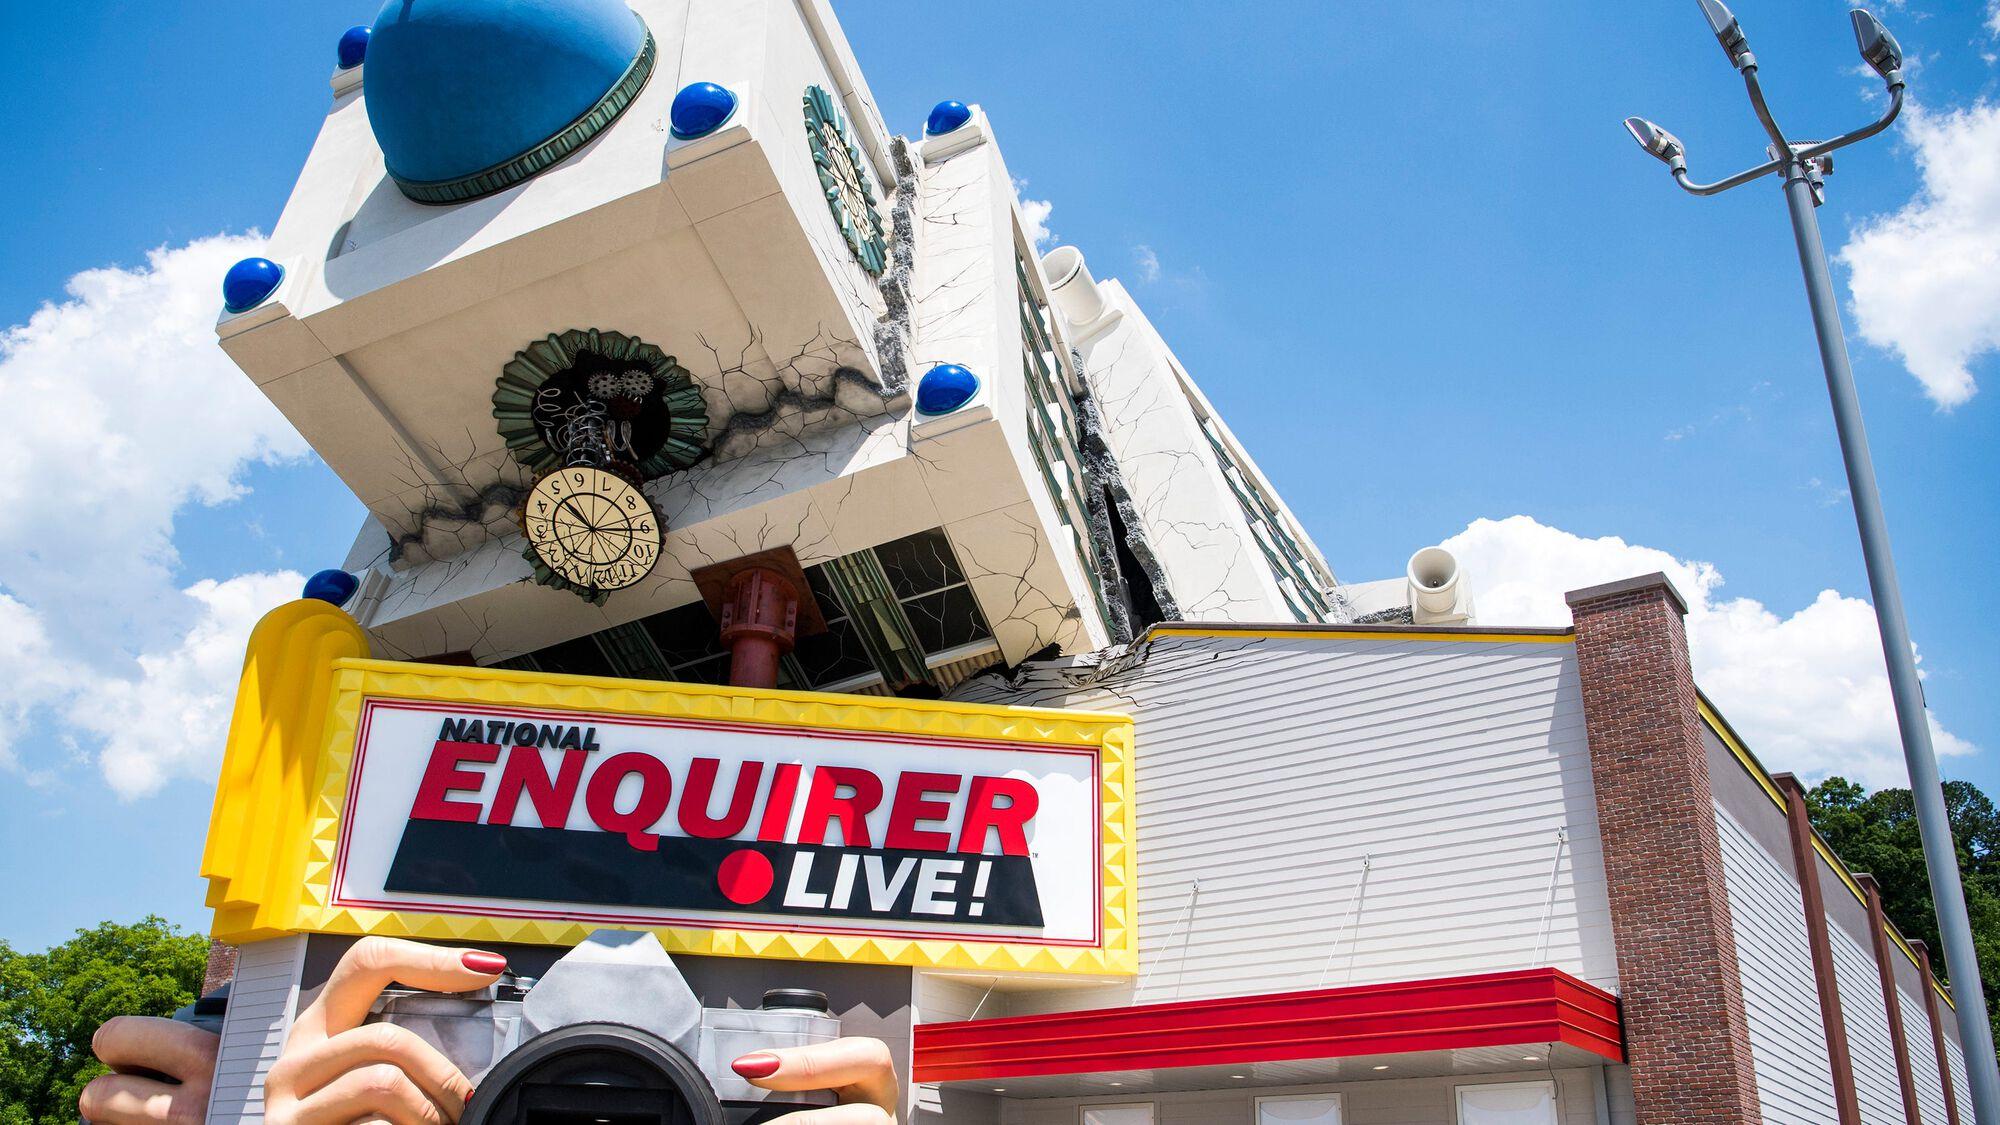 national enquirer live diana